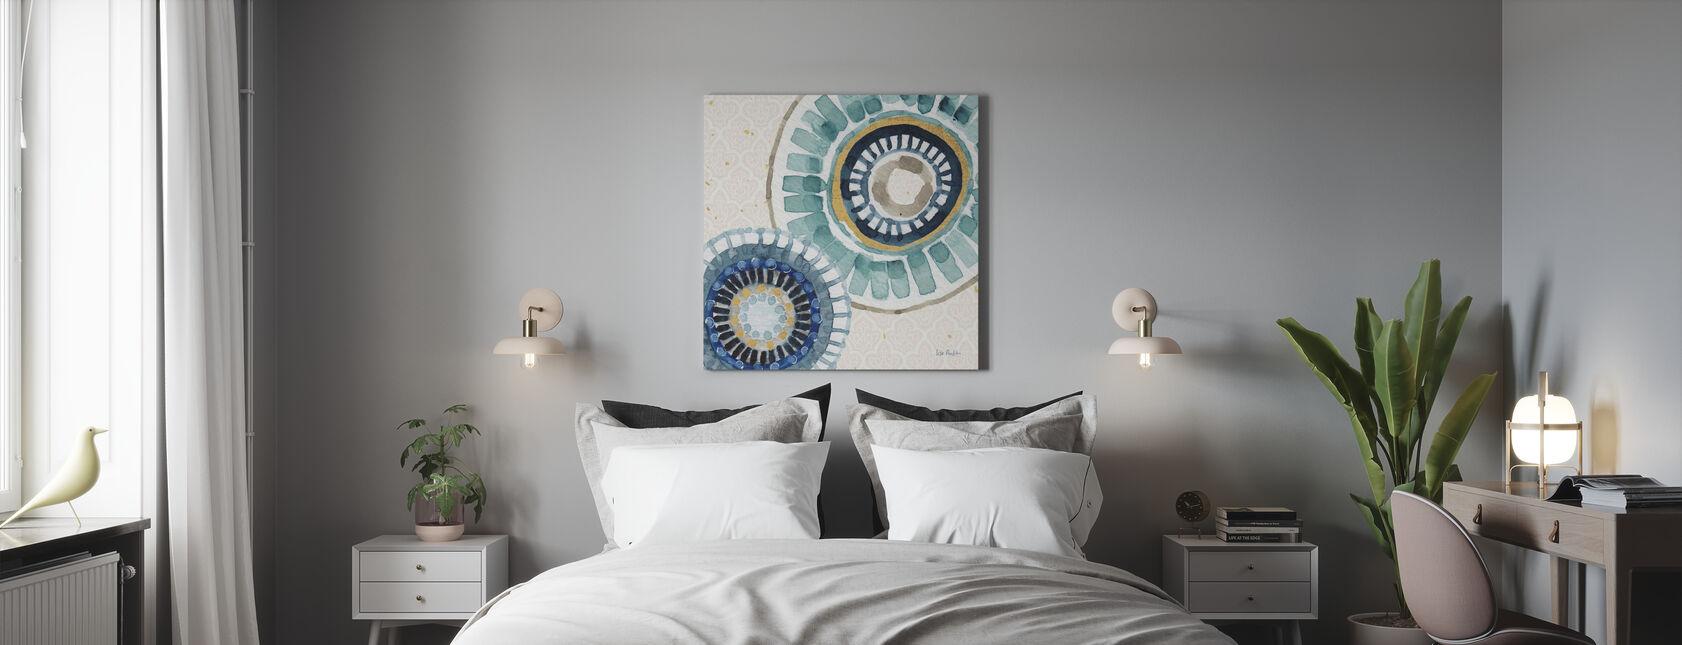 Modello Indigold - Stampa su tela - Camera da letto